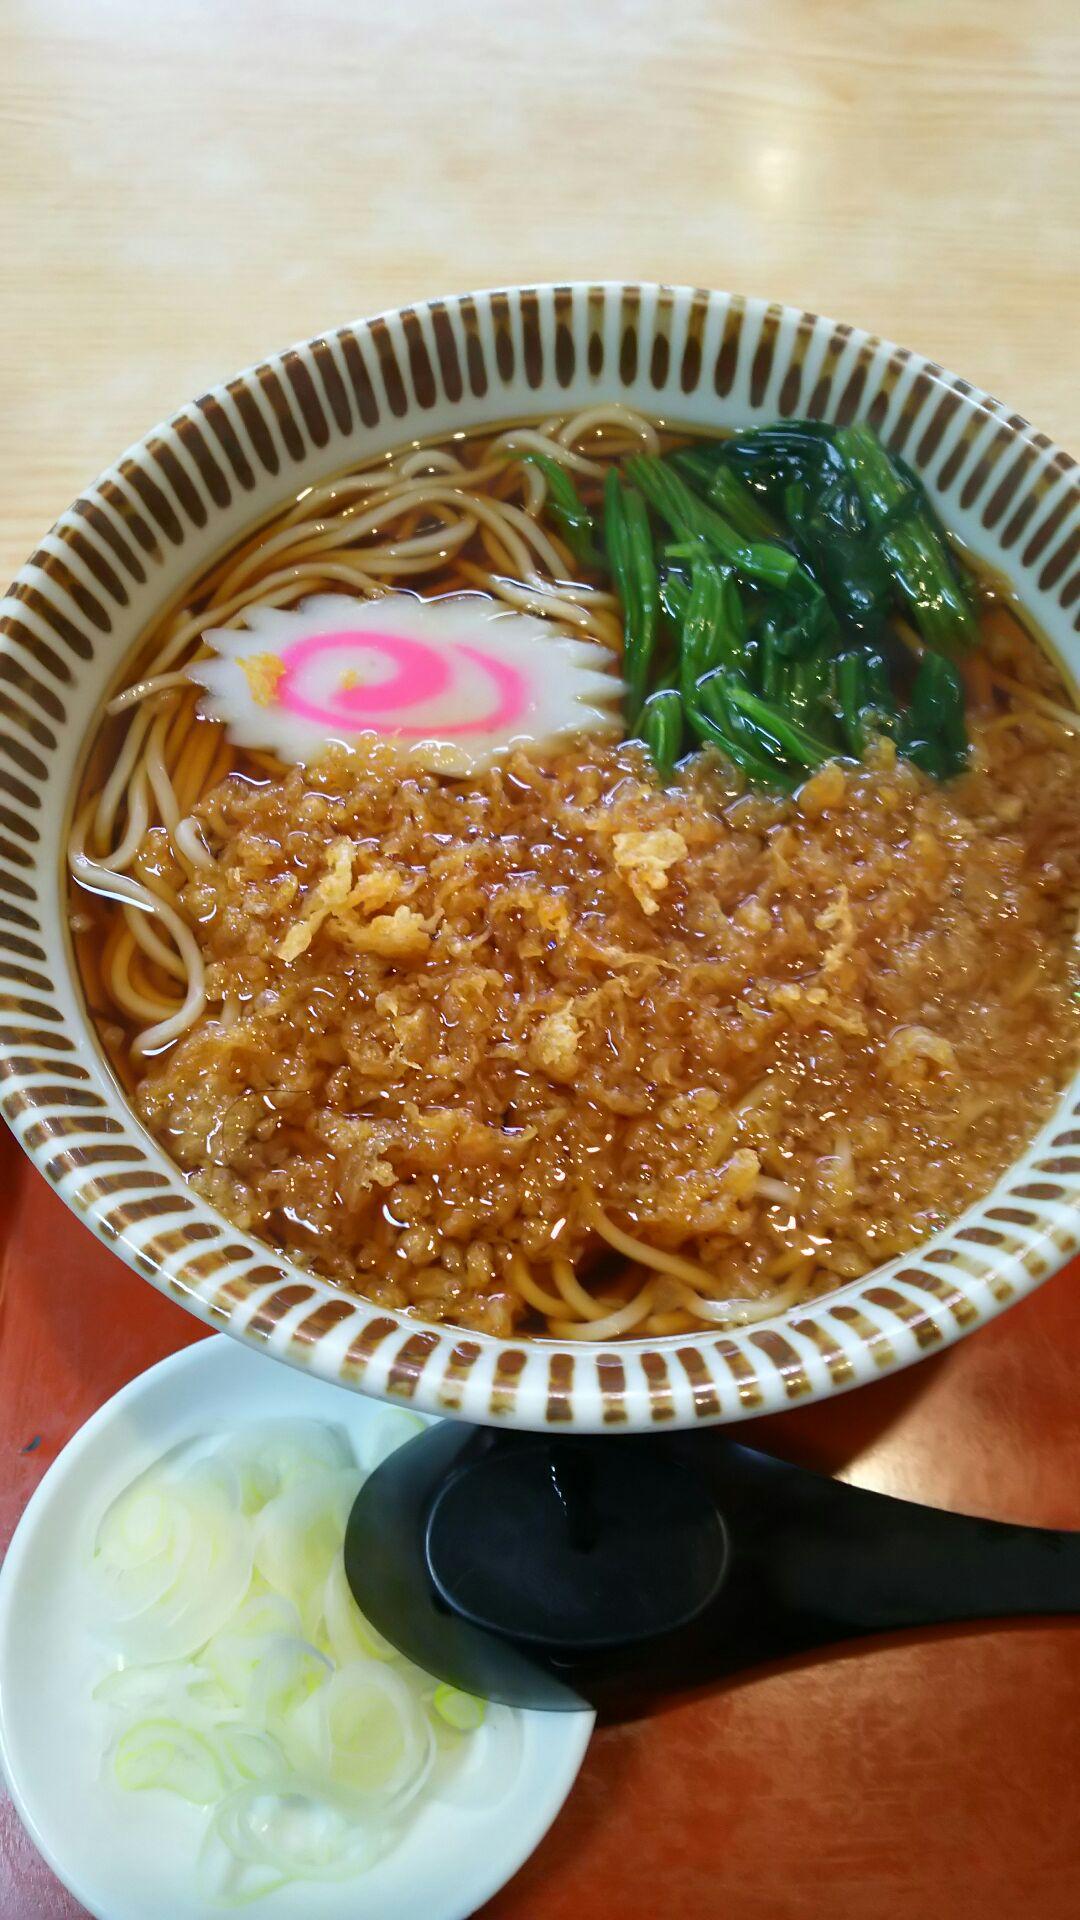 たけしのたぬき蕎麦日記2016 vol.10 京成小岩 「よねむら」